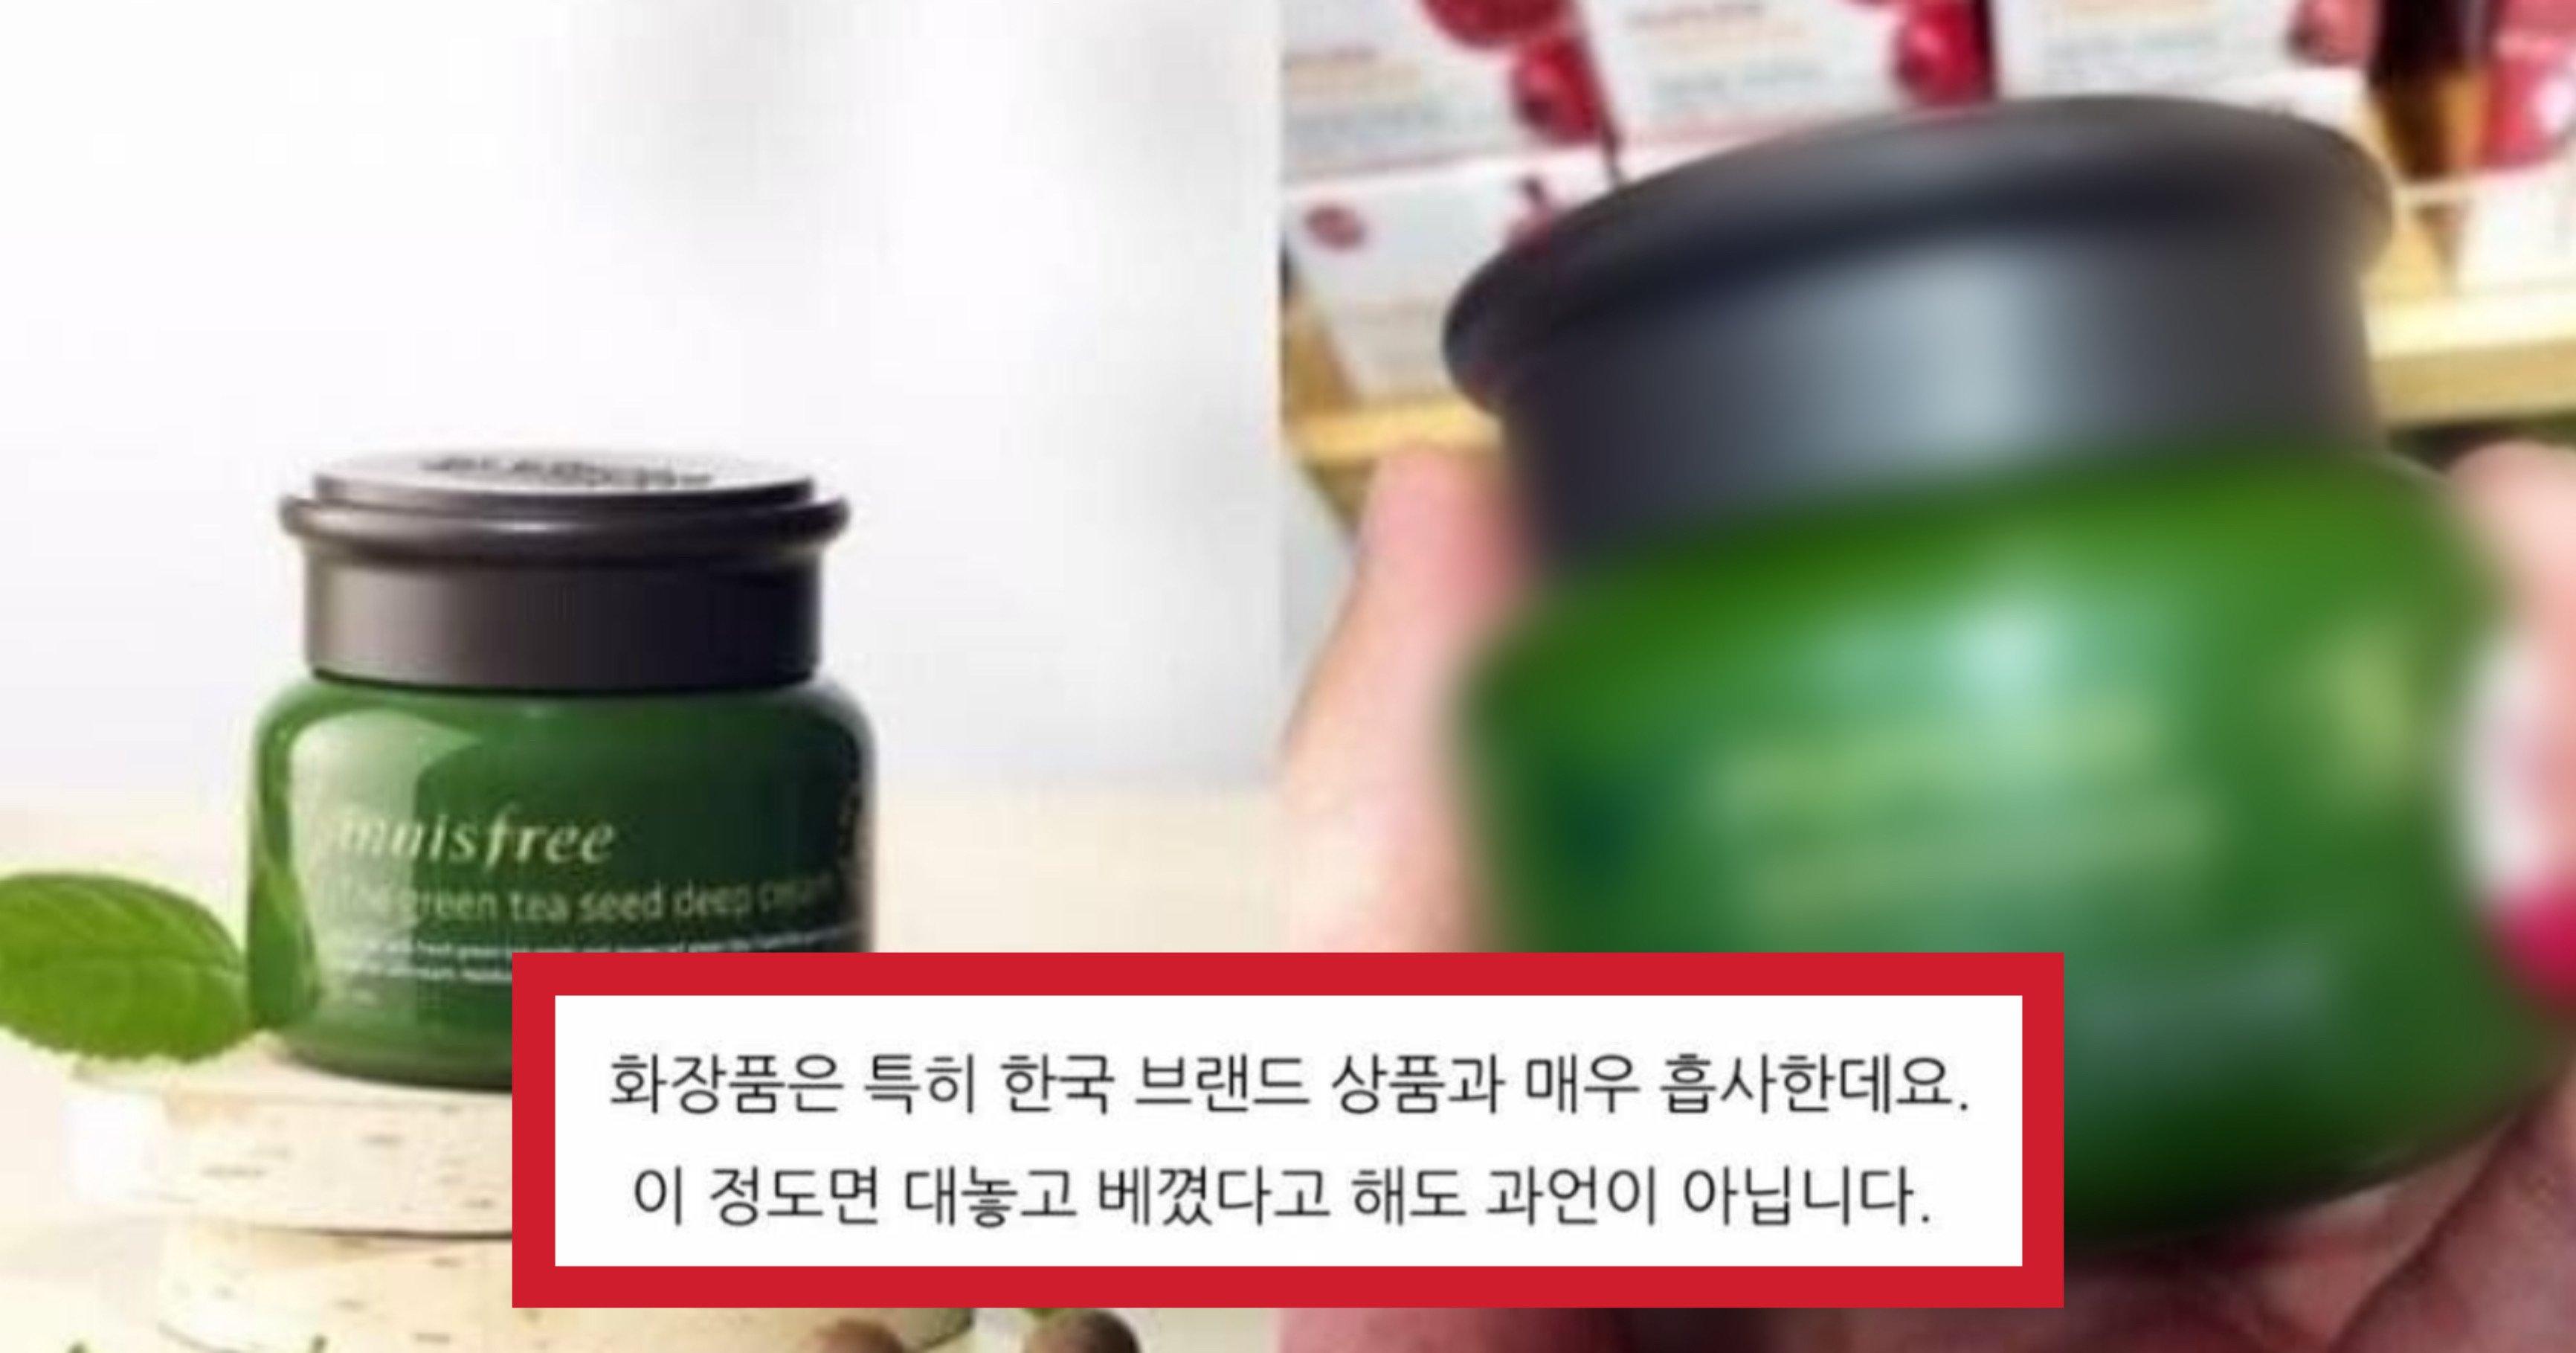 """bc444778 9811 475f 9c60 e19928a6c7f6.jpeg?resize=412,232 - """"엥 이거 우리나라 브랜드 아니였어?""""..아무도 몰랐다는 한국 브랜드인 척 하는 중국 제품들(+사진)"""